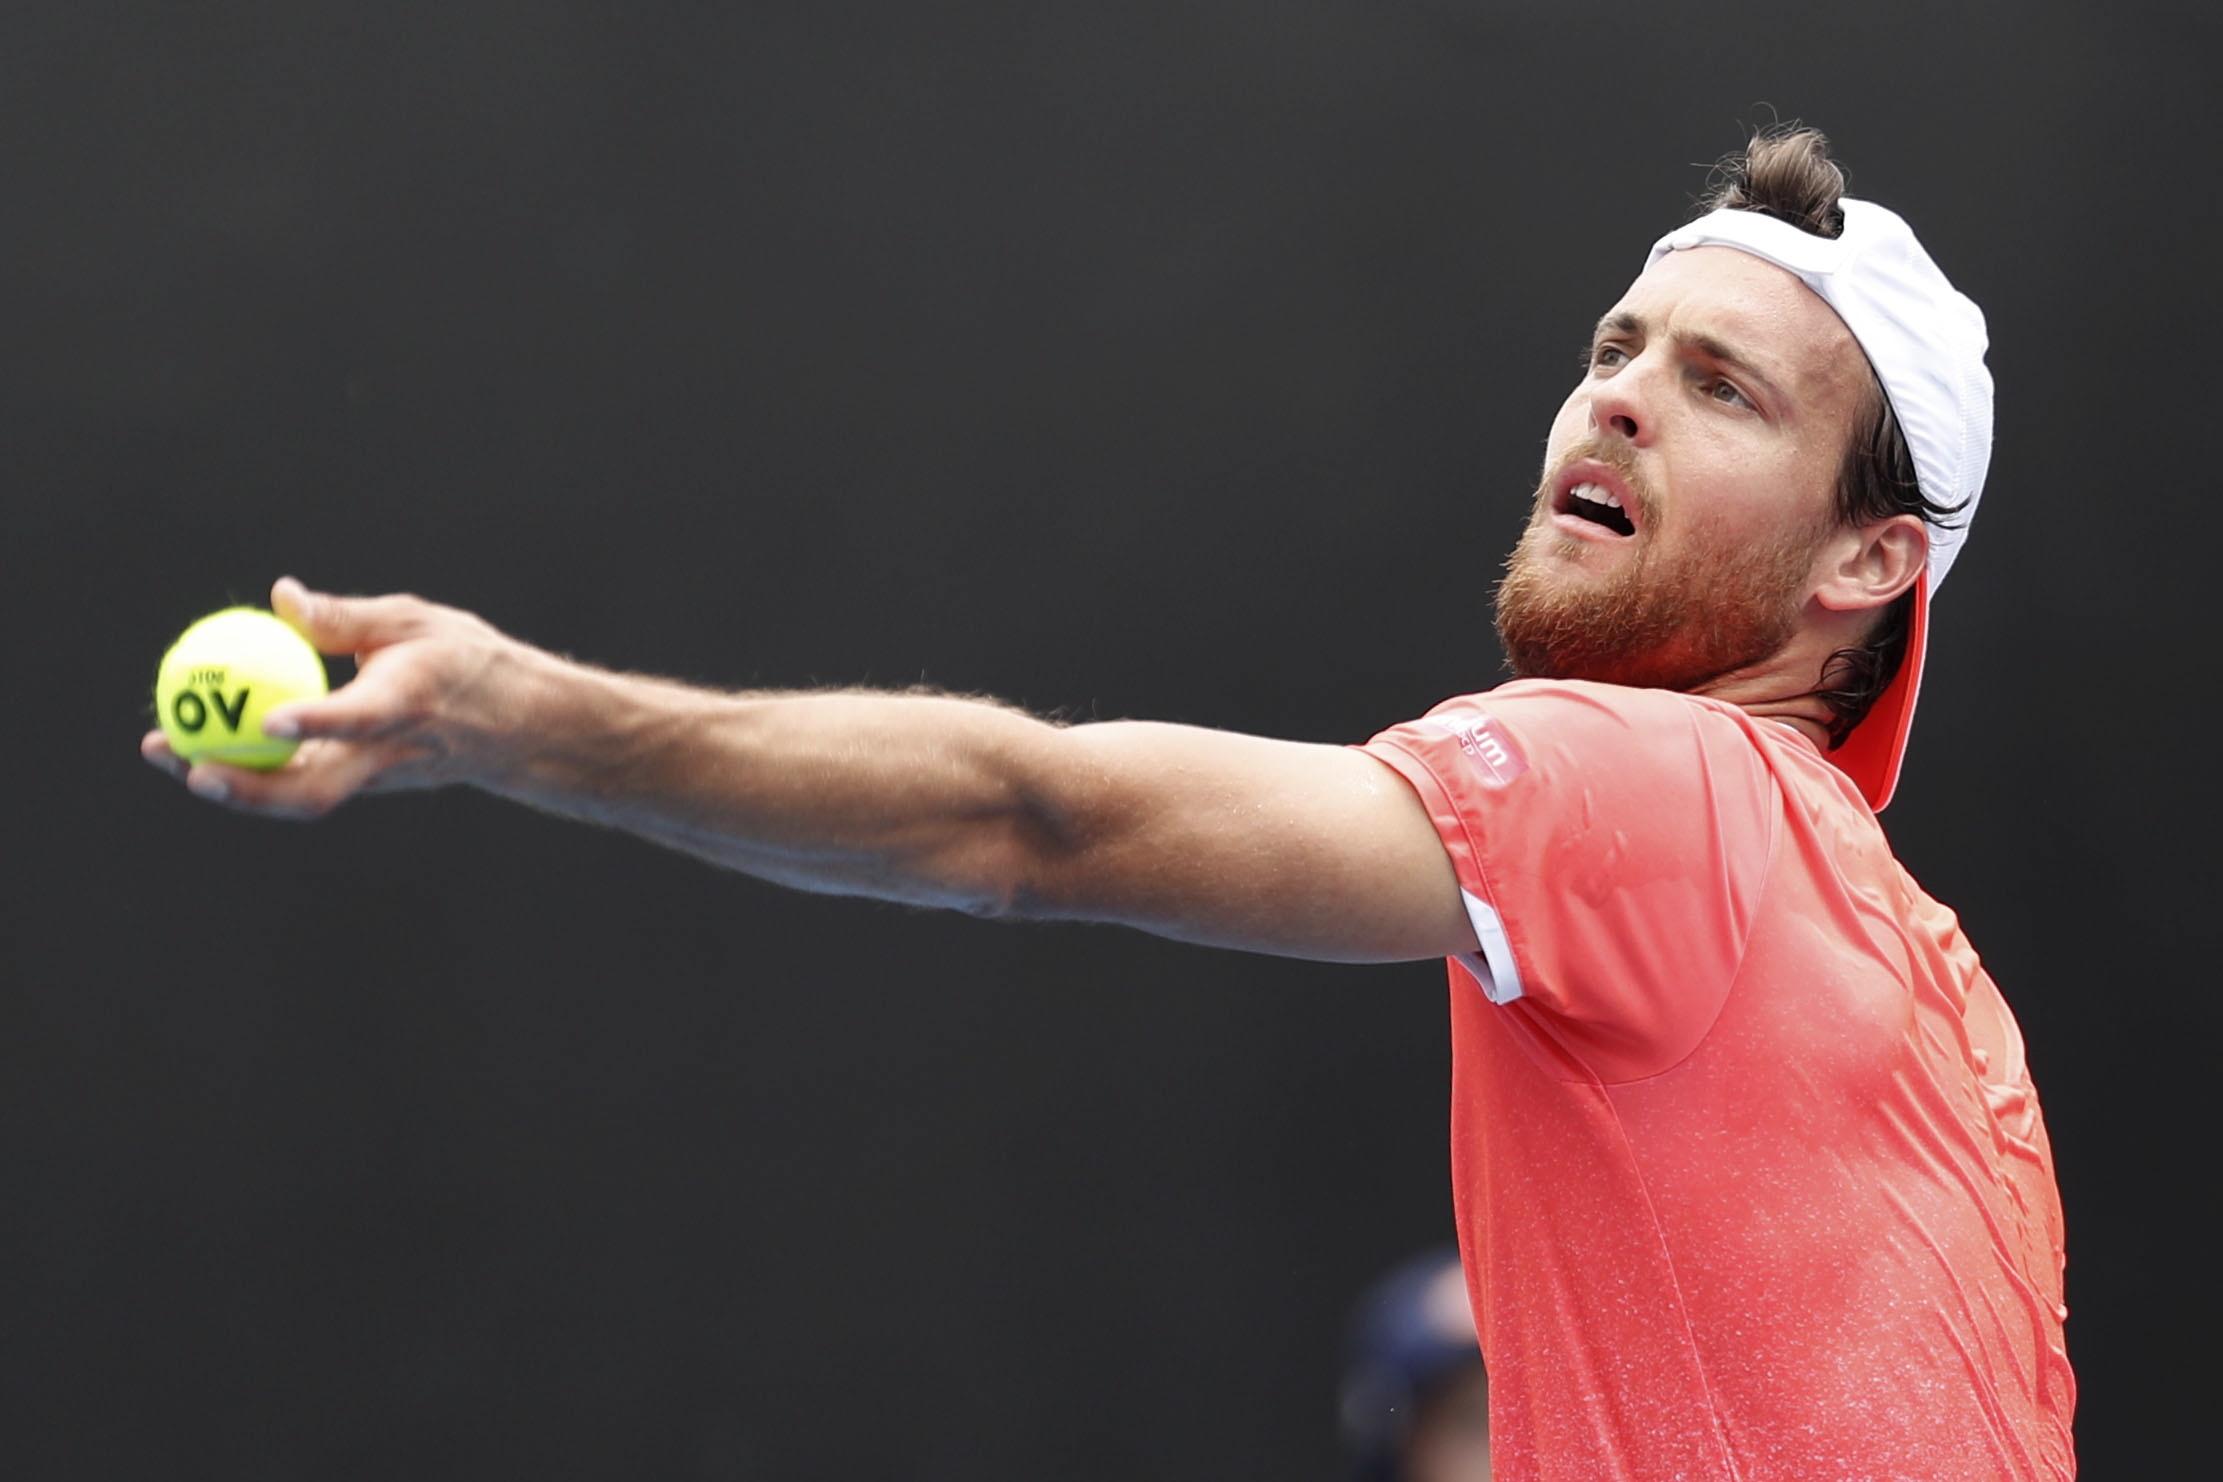 João Sousa eliminado na terceira ronda do Open da Austrália por Nishikori